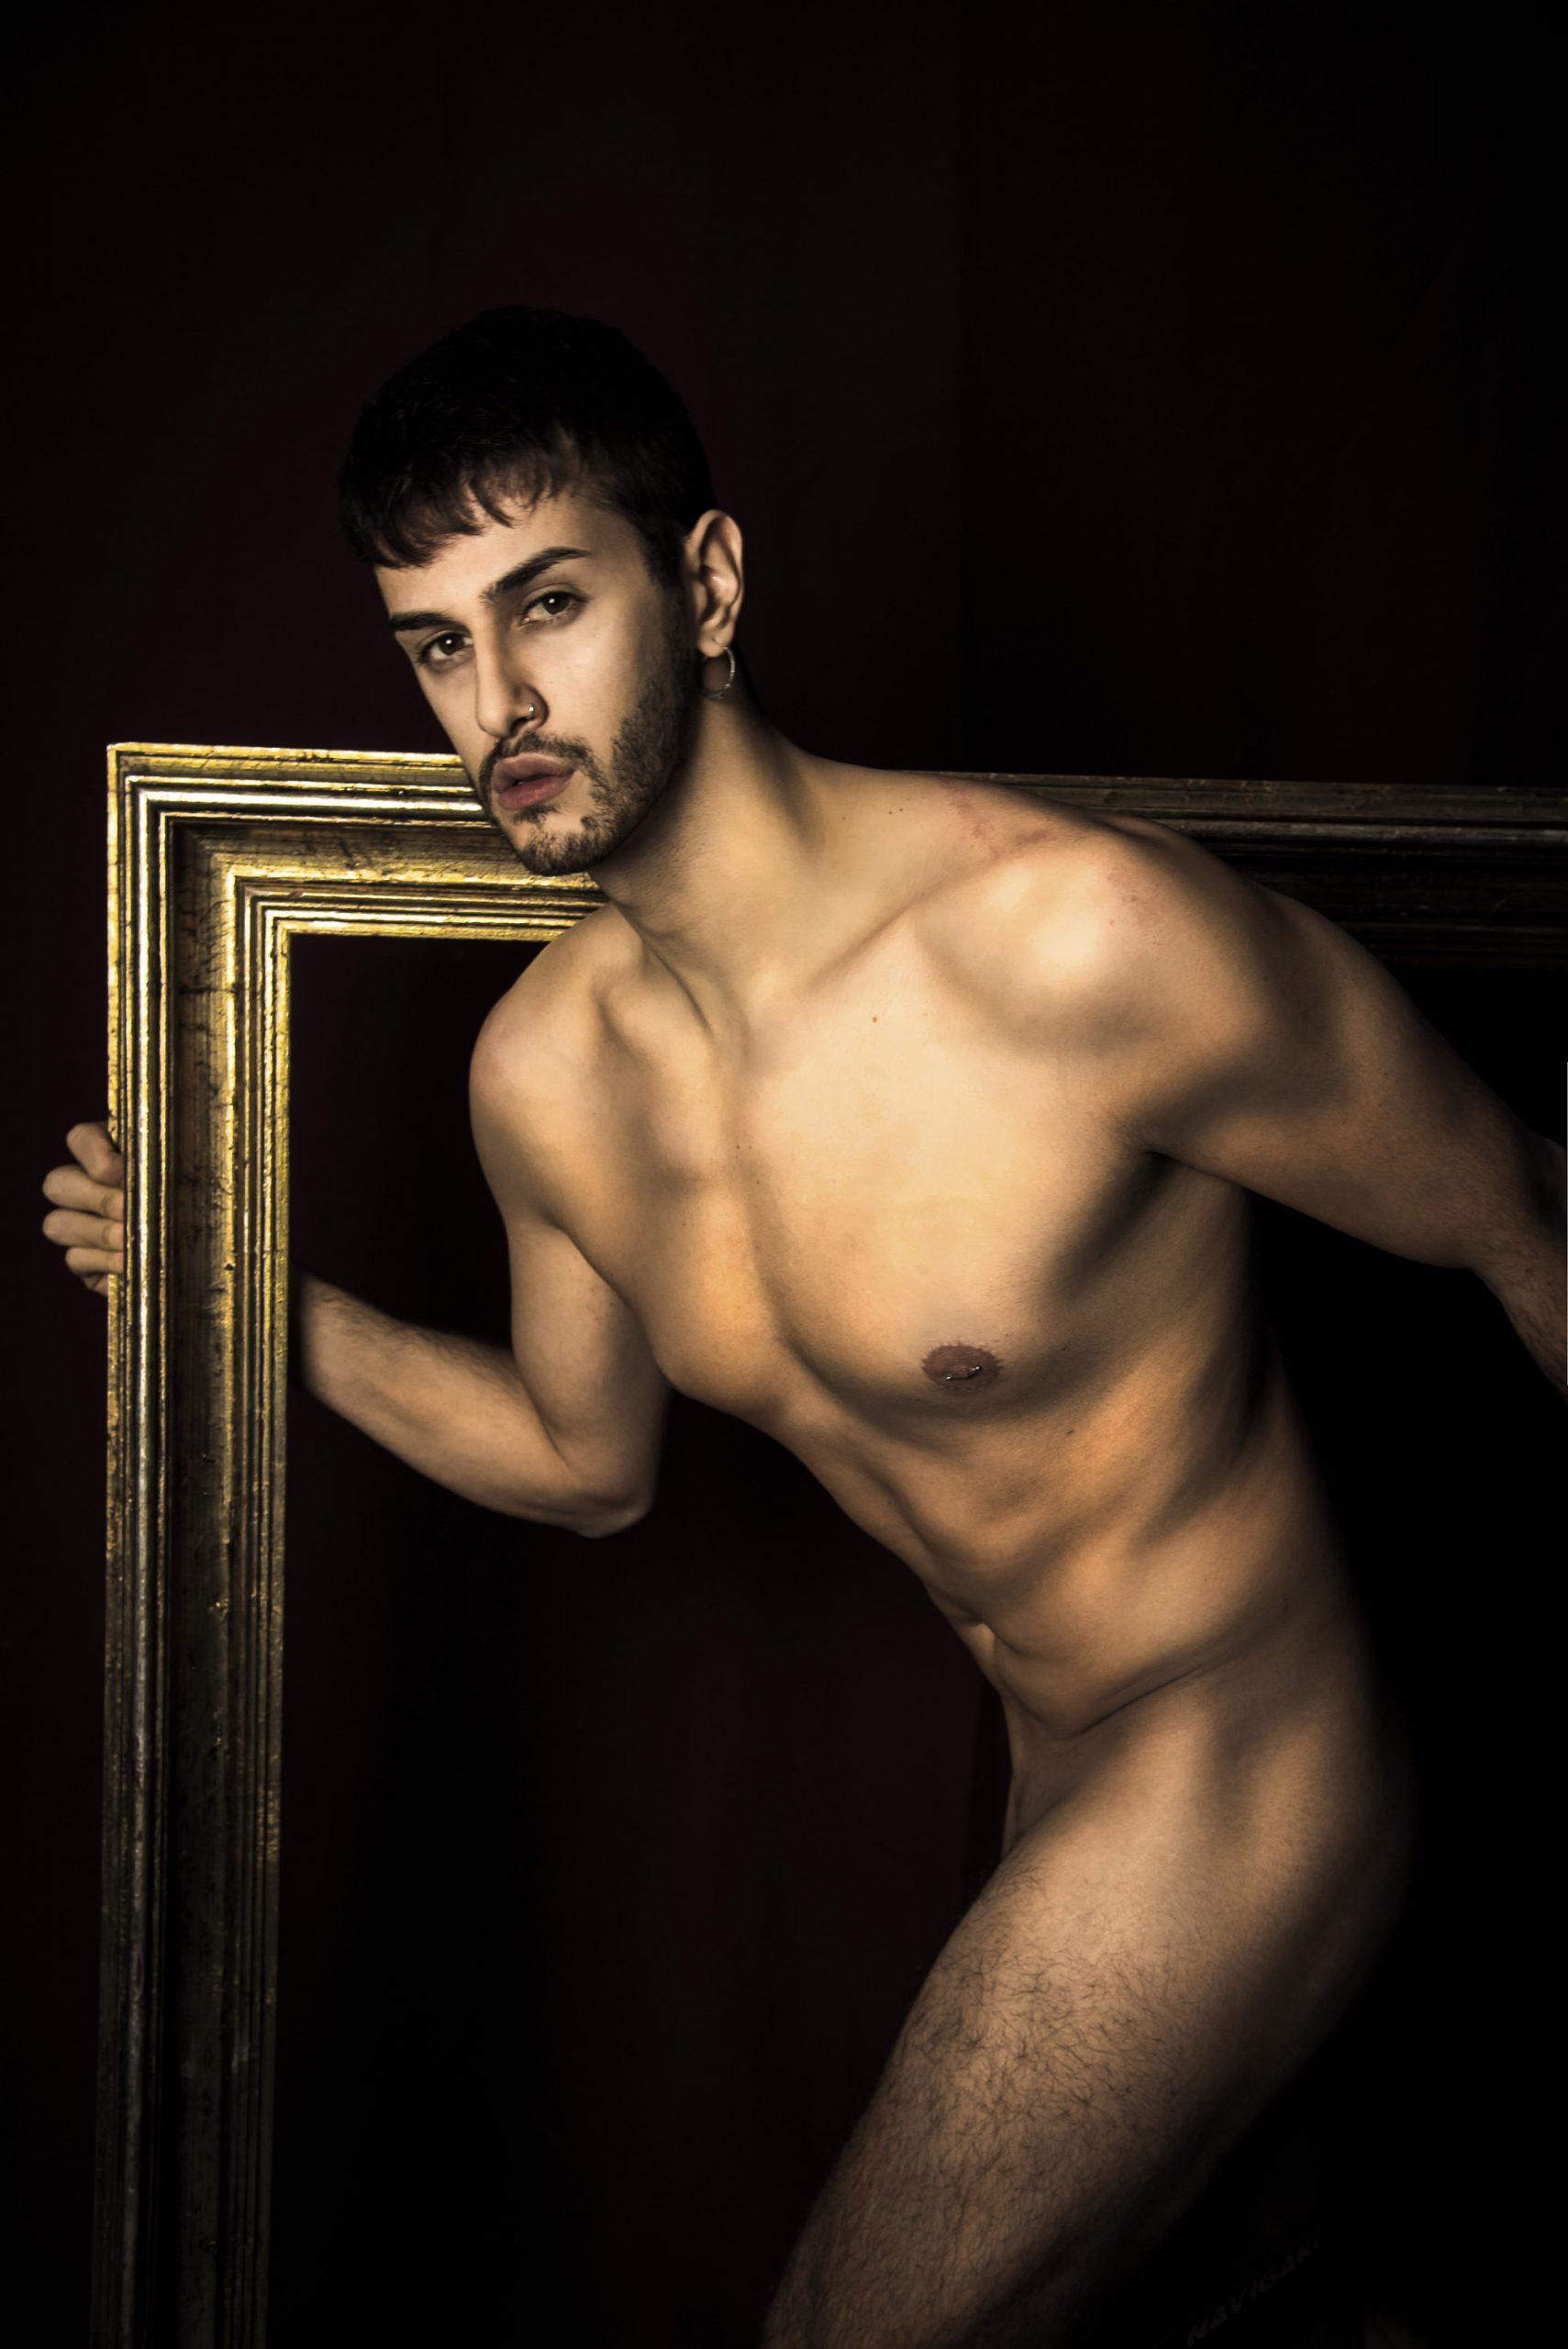 Categorie: Boudoir & Nude, Portrait - Photographer: GENNARO FRANCO (Interlunium) - Model: ALESSANDRO COCORULLO - Location: Napoli, NA, Italia